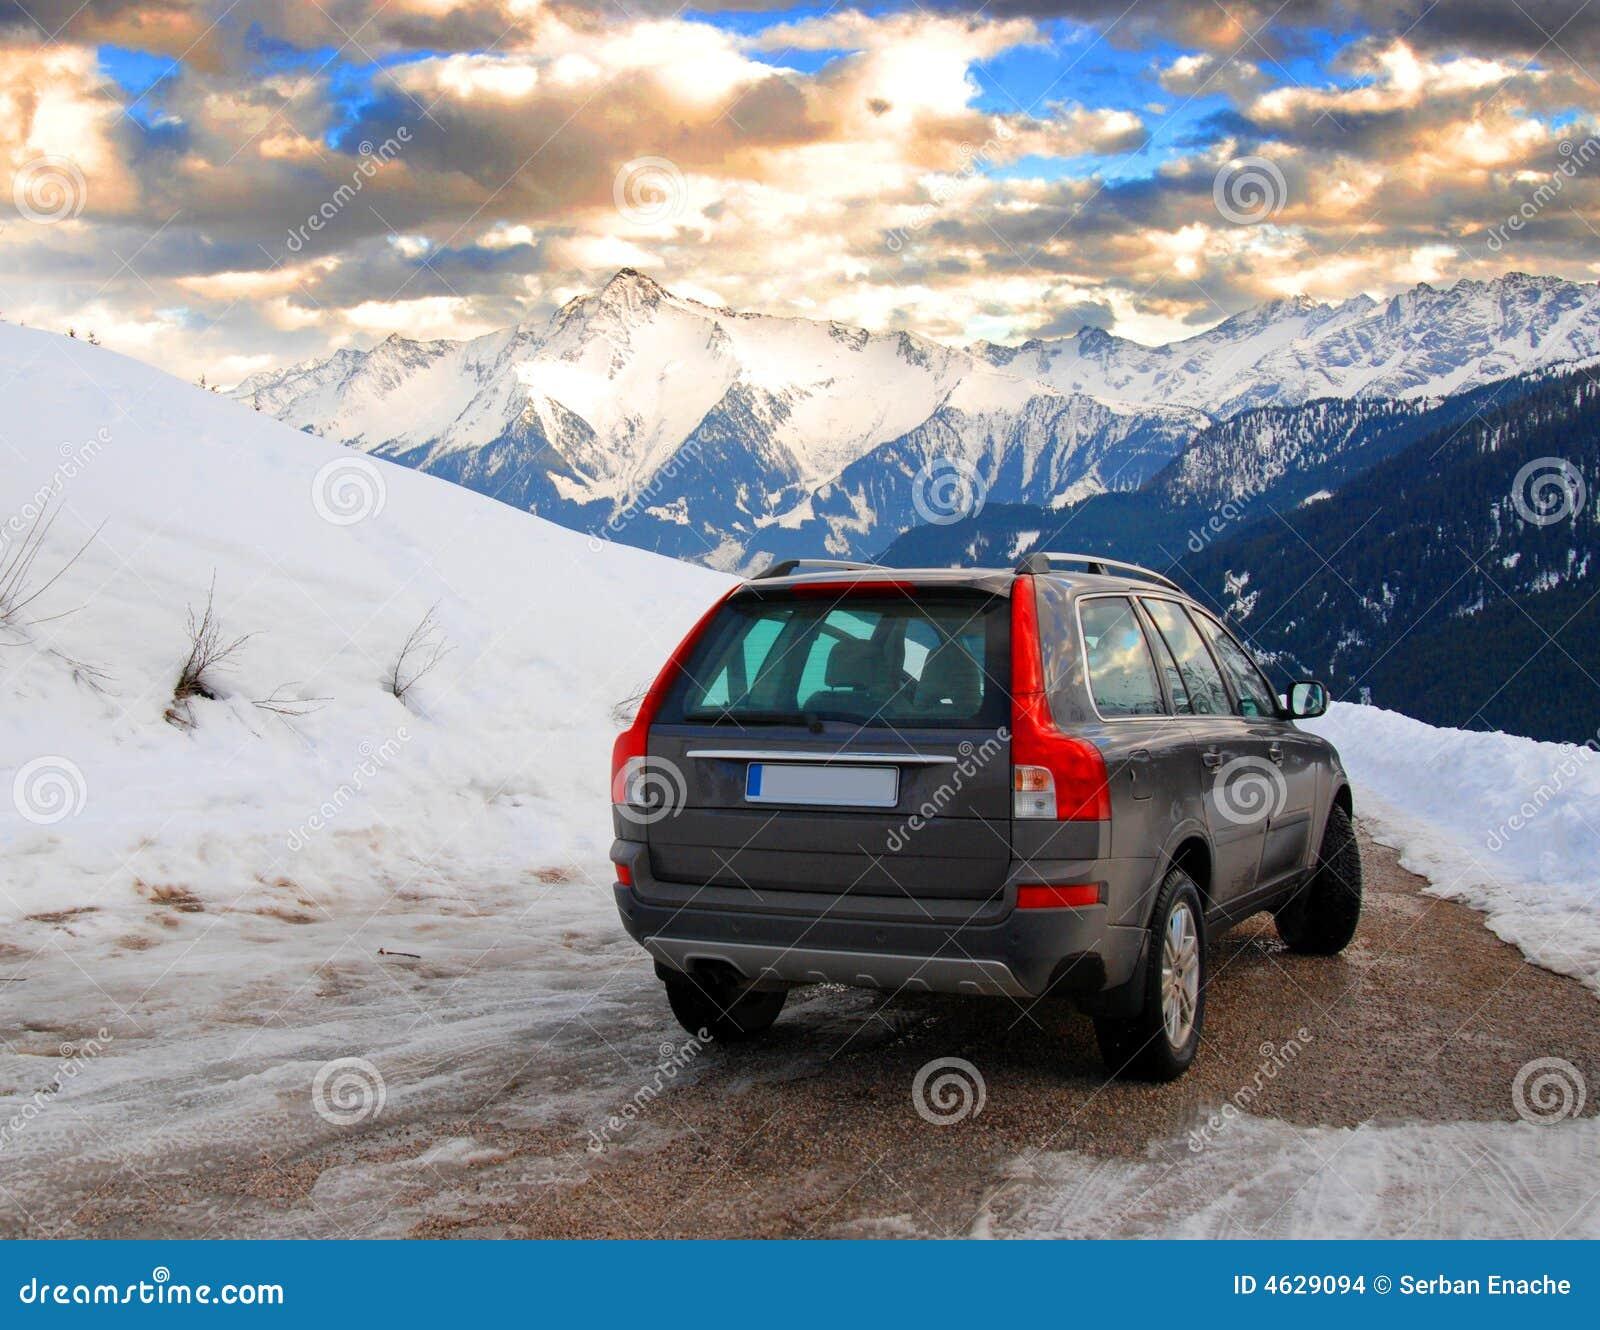 Car adventure